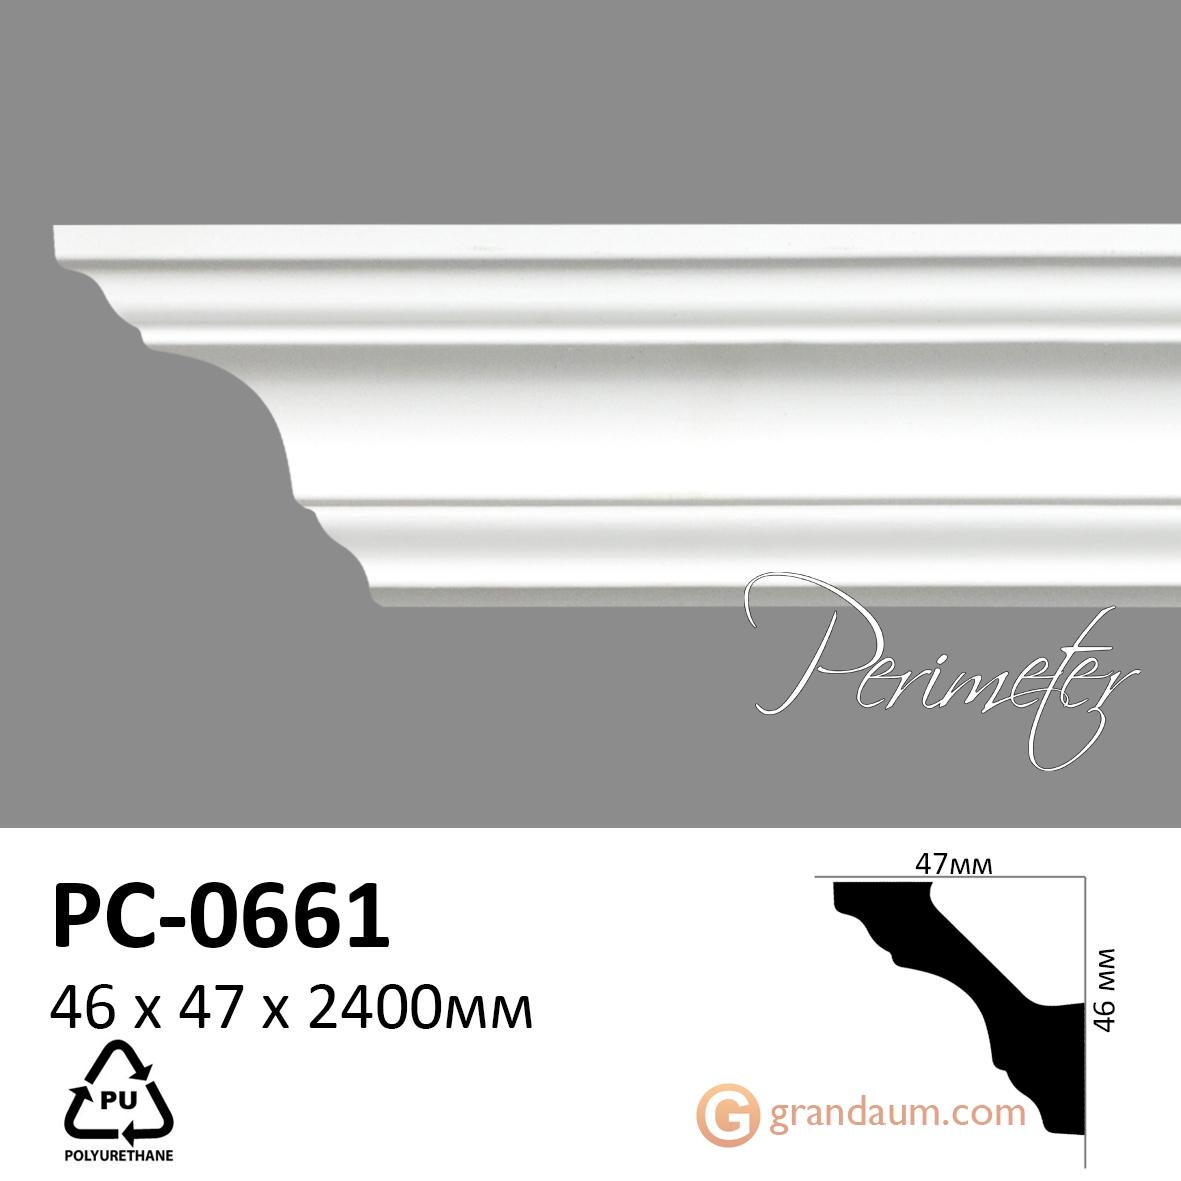 Карниз с гладким профилем Perimeter PC-0661